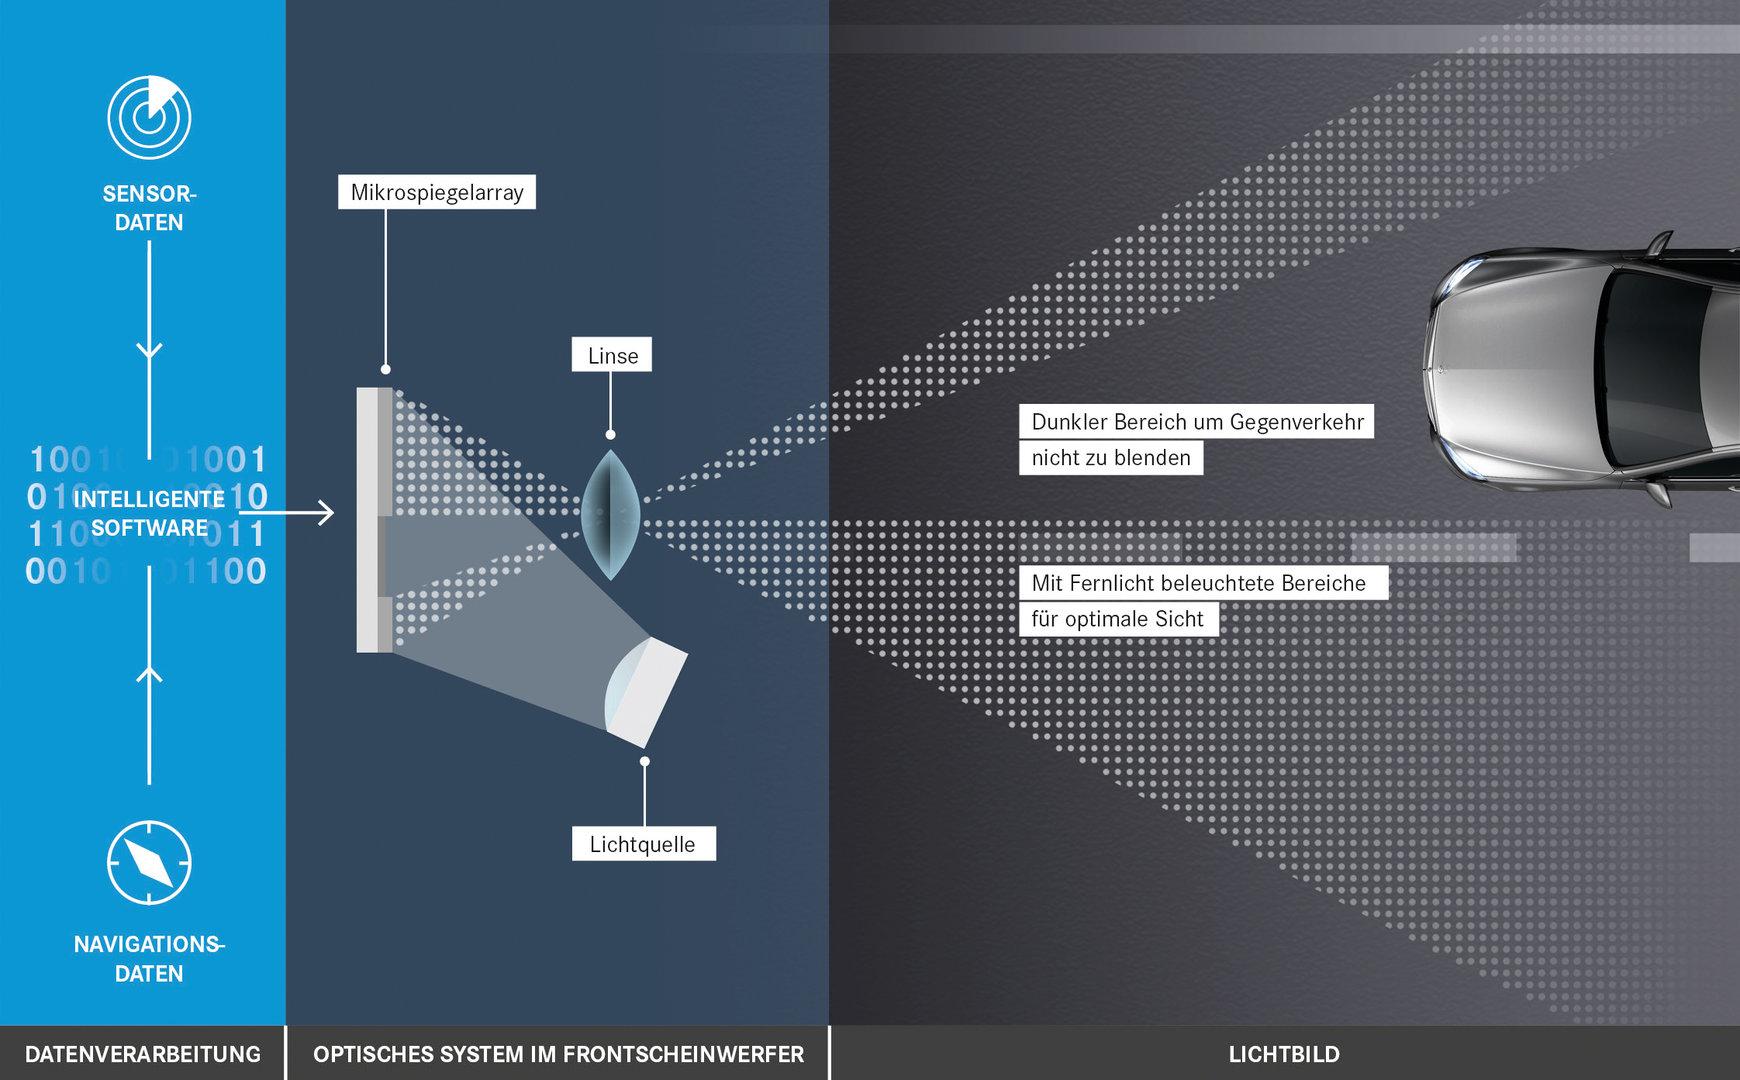 Datenverarbeitung über Software bis zur Lichtausgabe